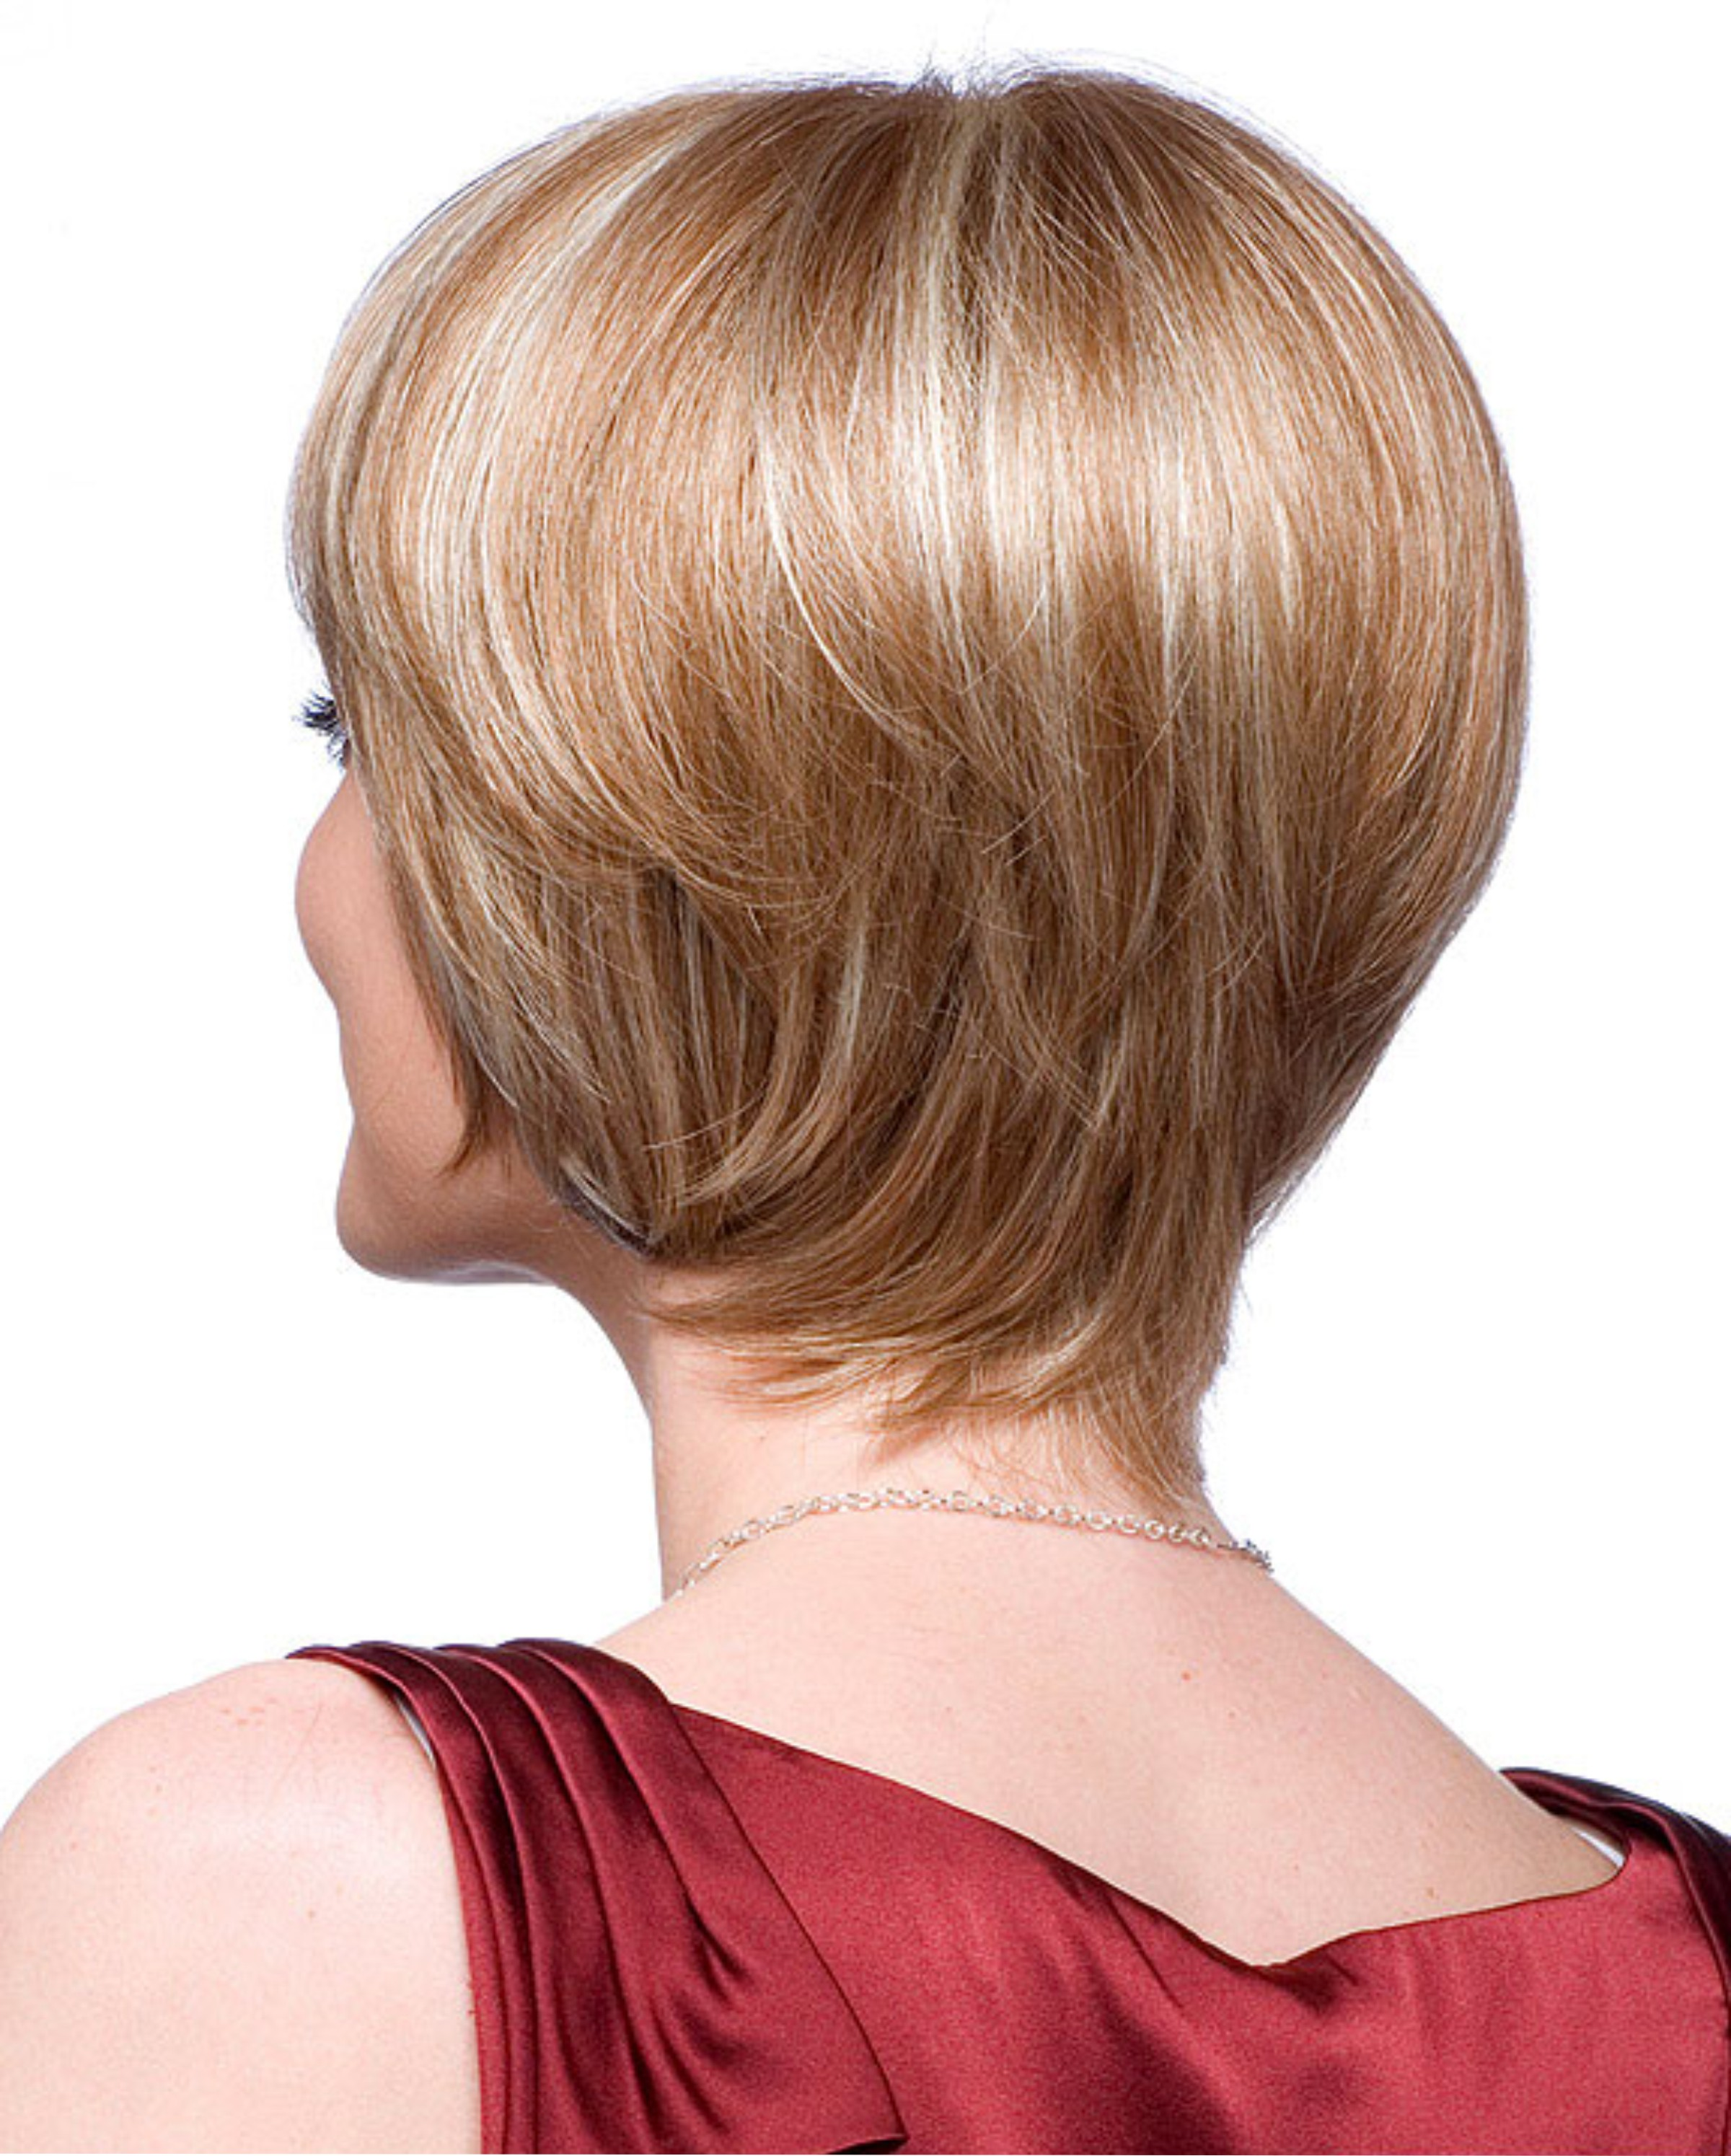 Стрижка классический боб фото на короткие волосы